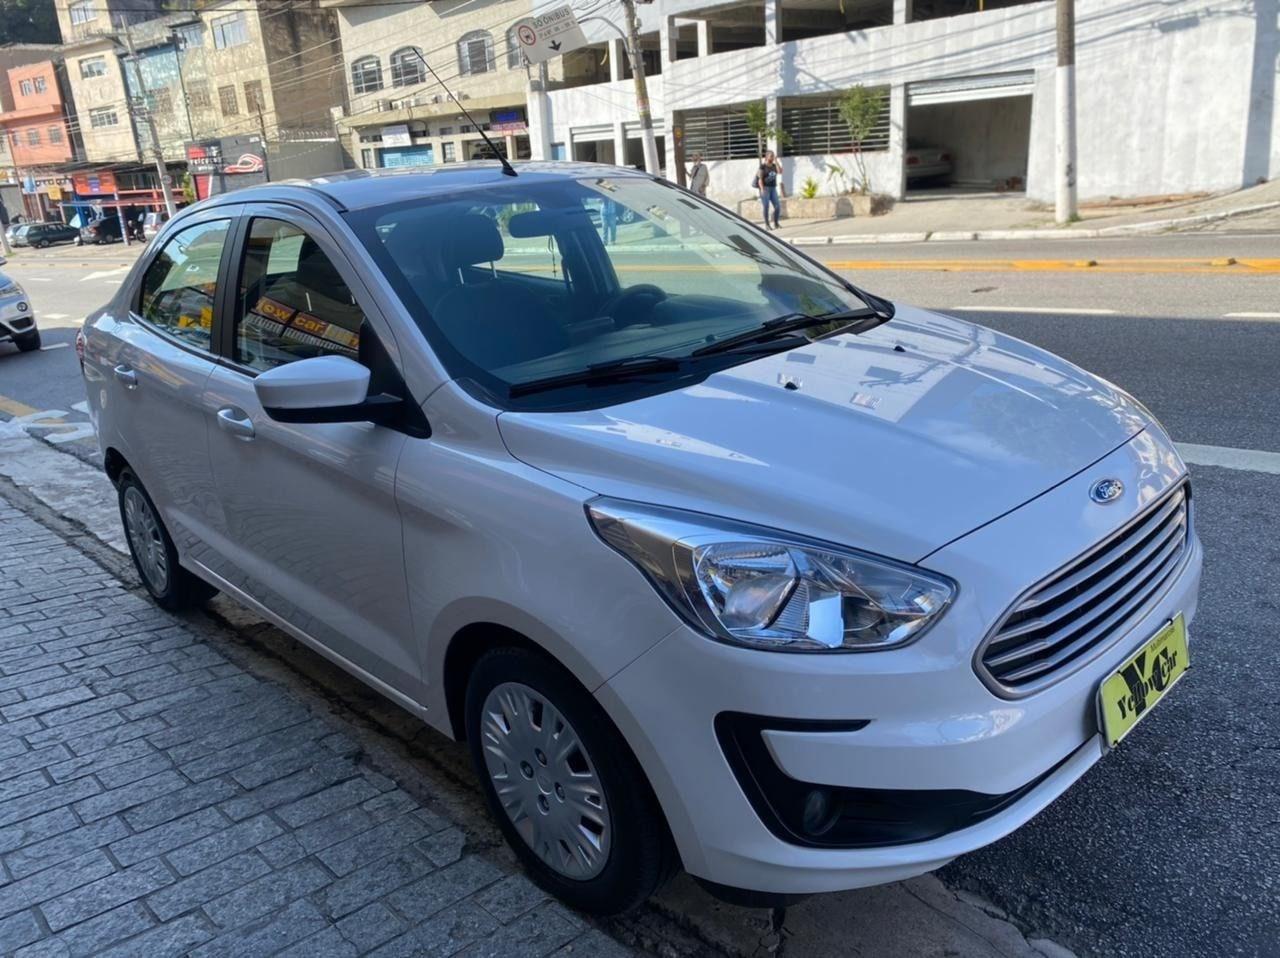 //www.autoline.com.br/carro/ford/ka-15-se-plus-12v-flex-4p-automatico/2019/sao-paulo-sp/14567547